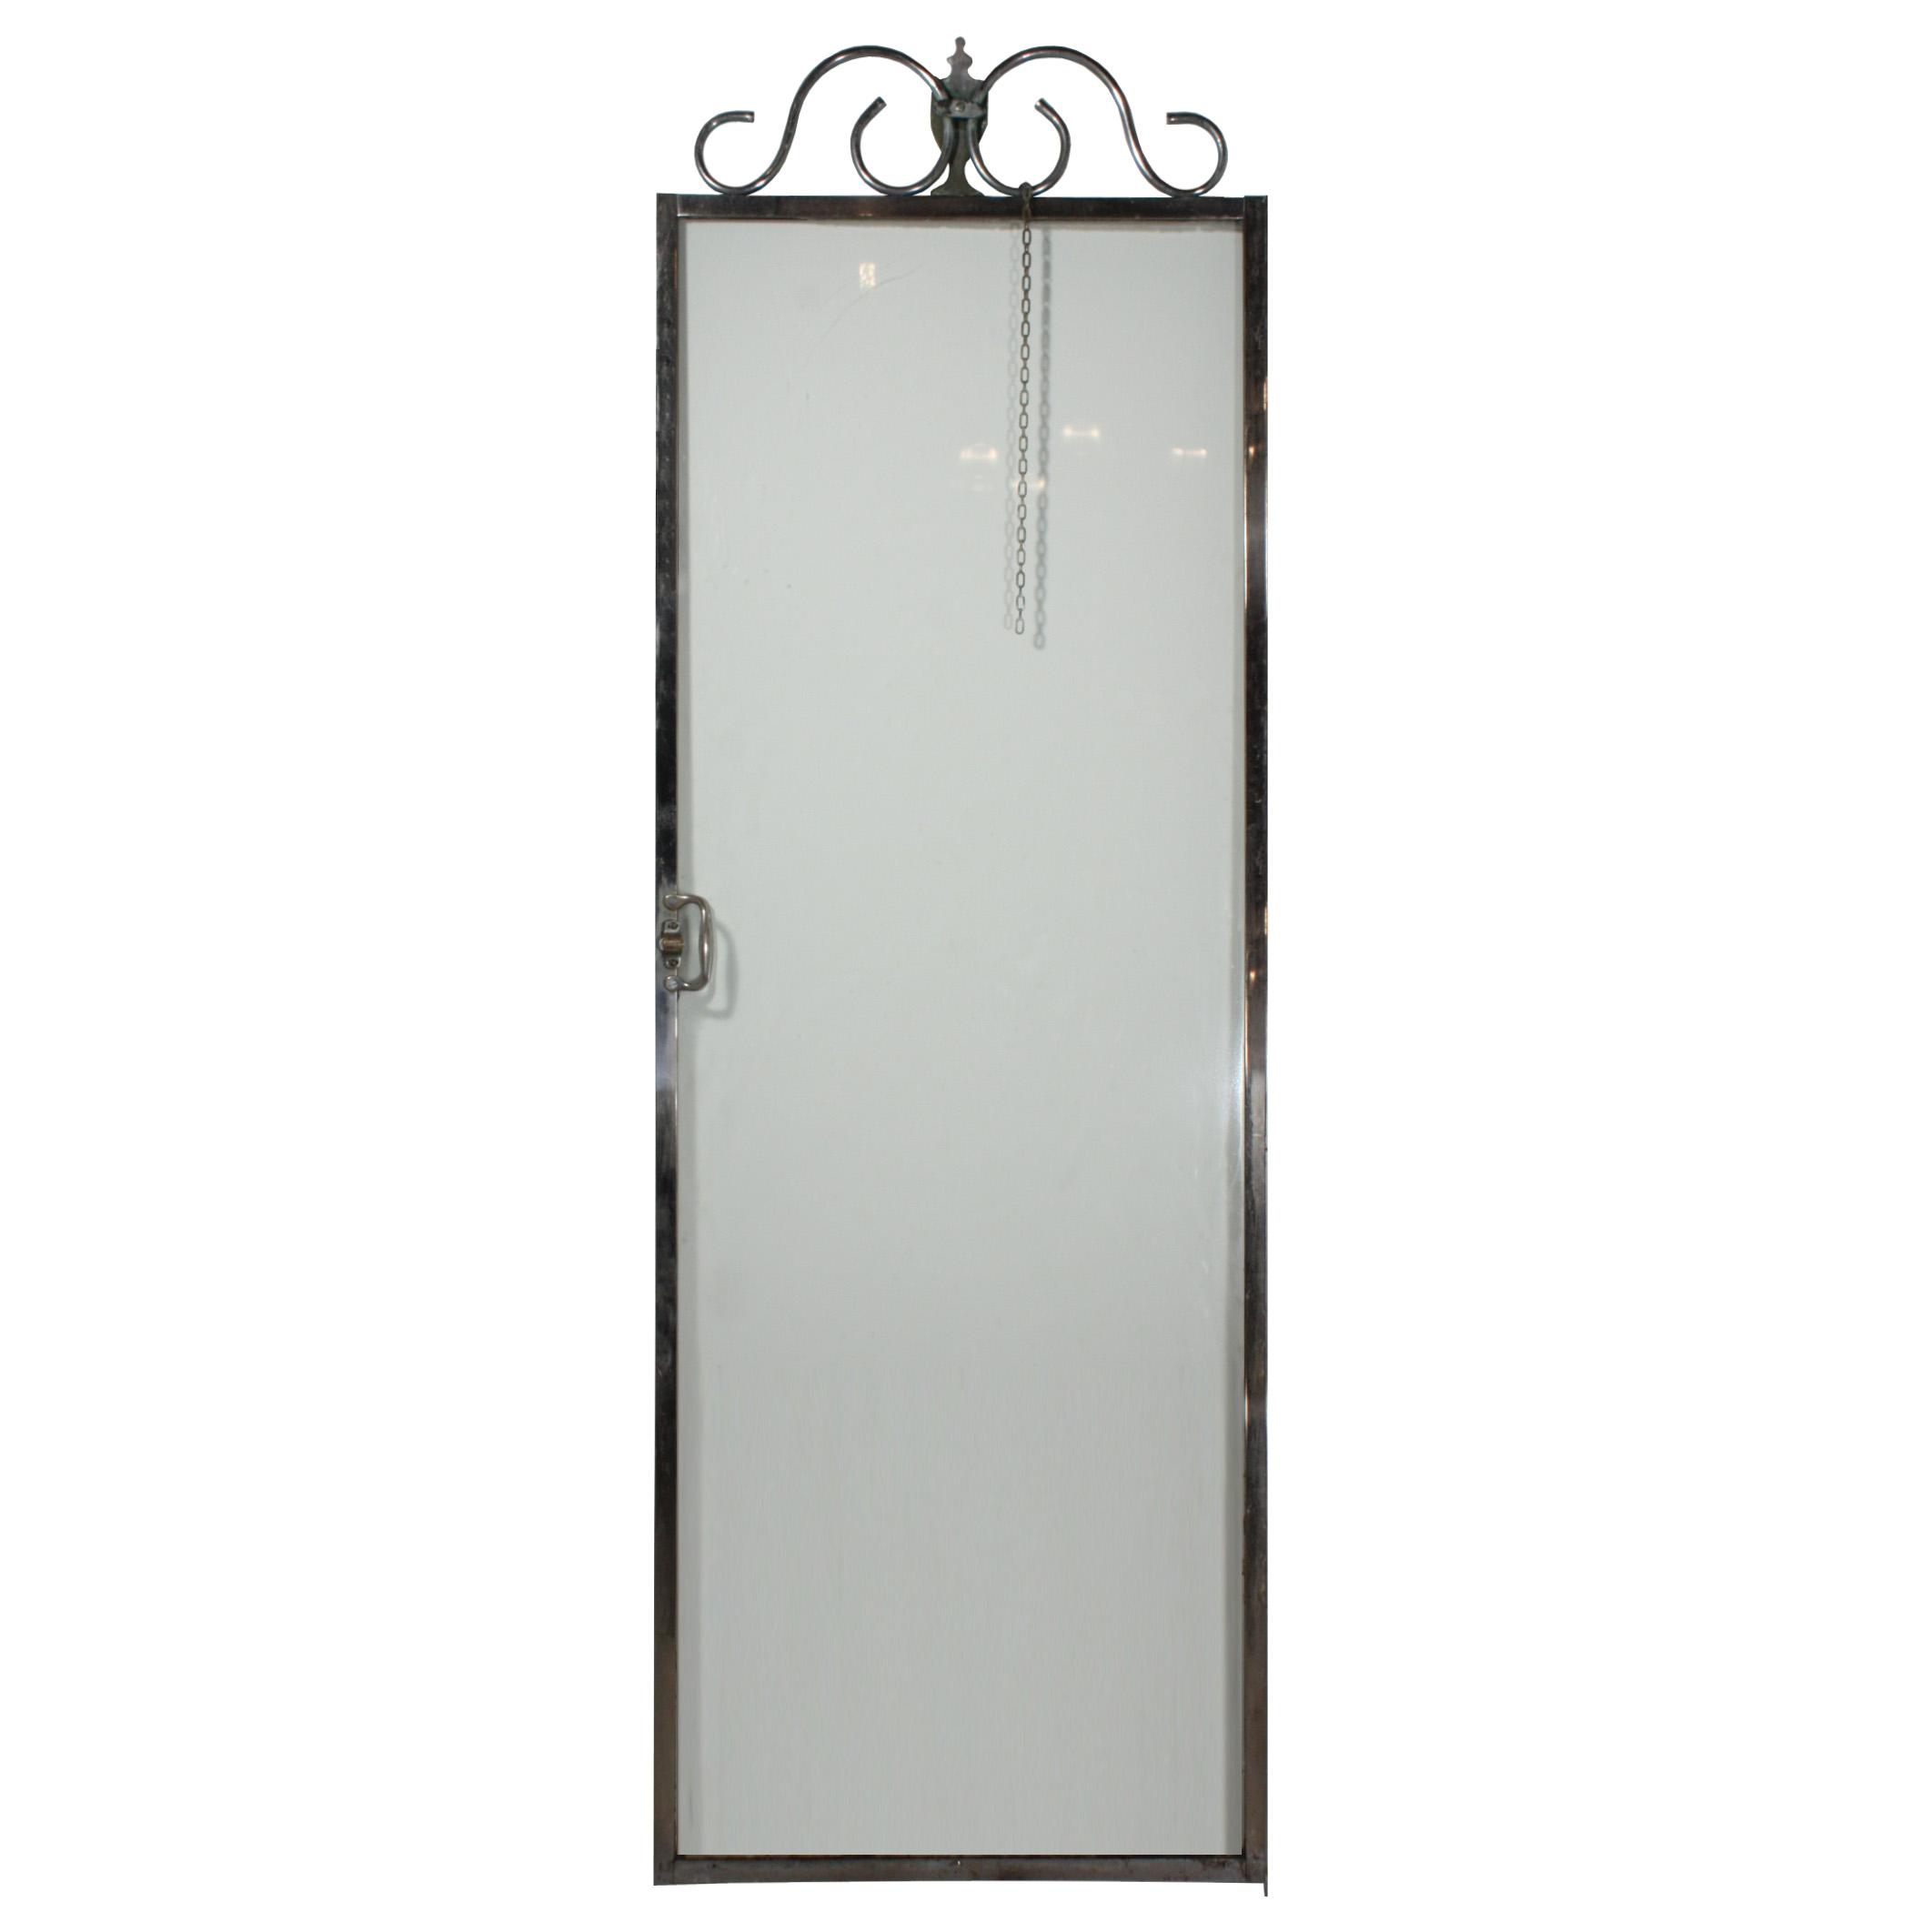 Keystone Shower Door Replacement Parts | Motor Repalcement Parts ...